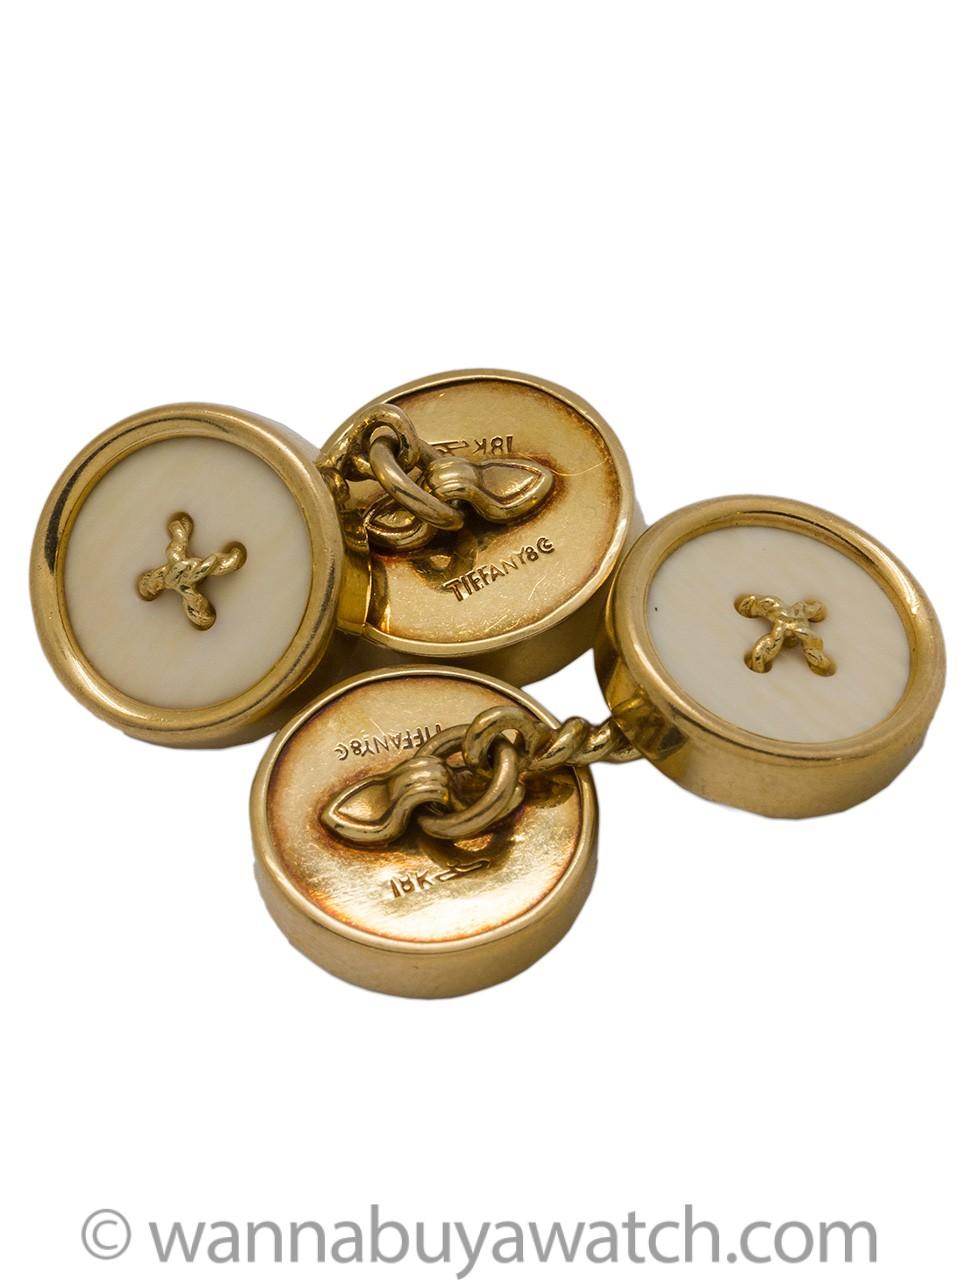 Tiffany & Co 18K YG Button Cufflinks circa 1950's